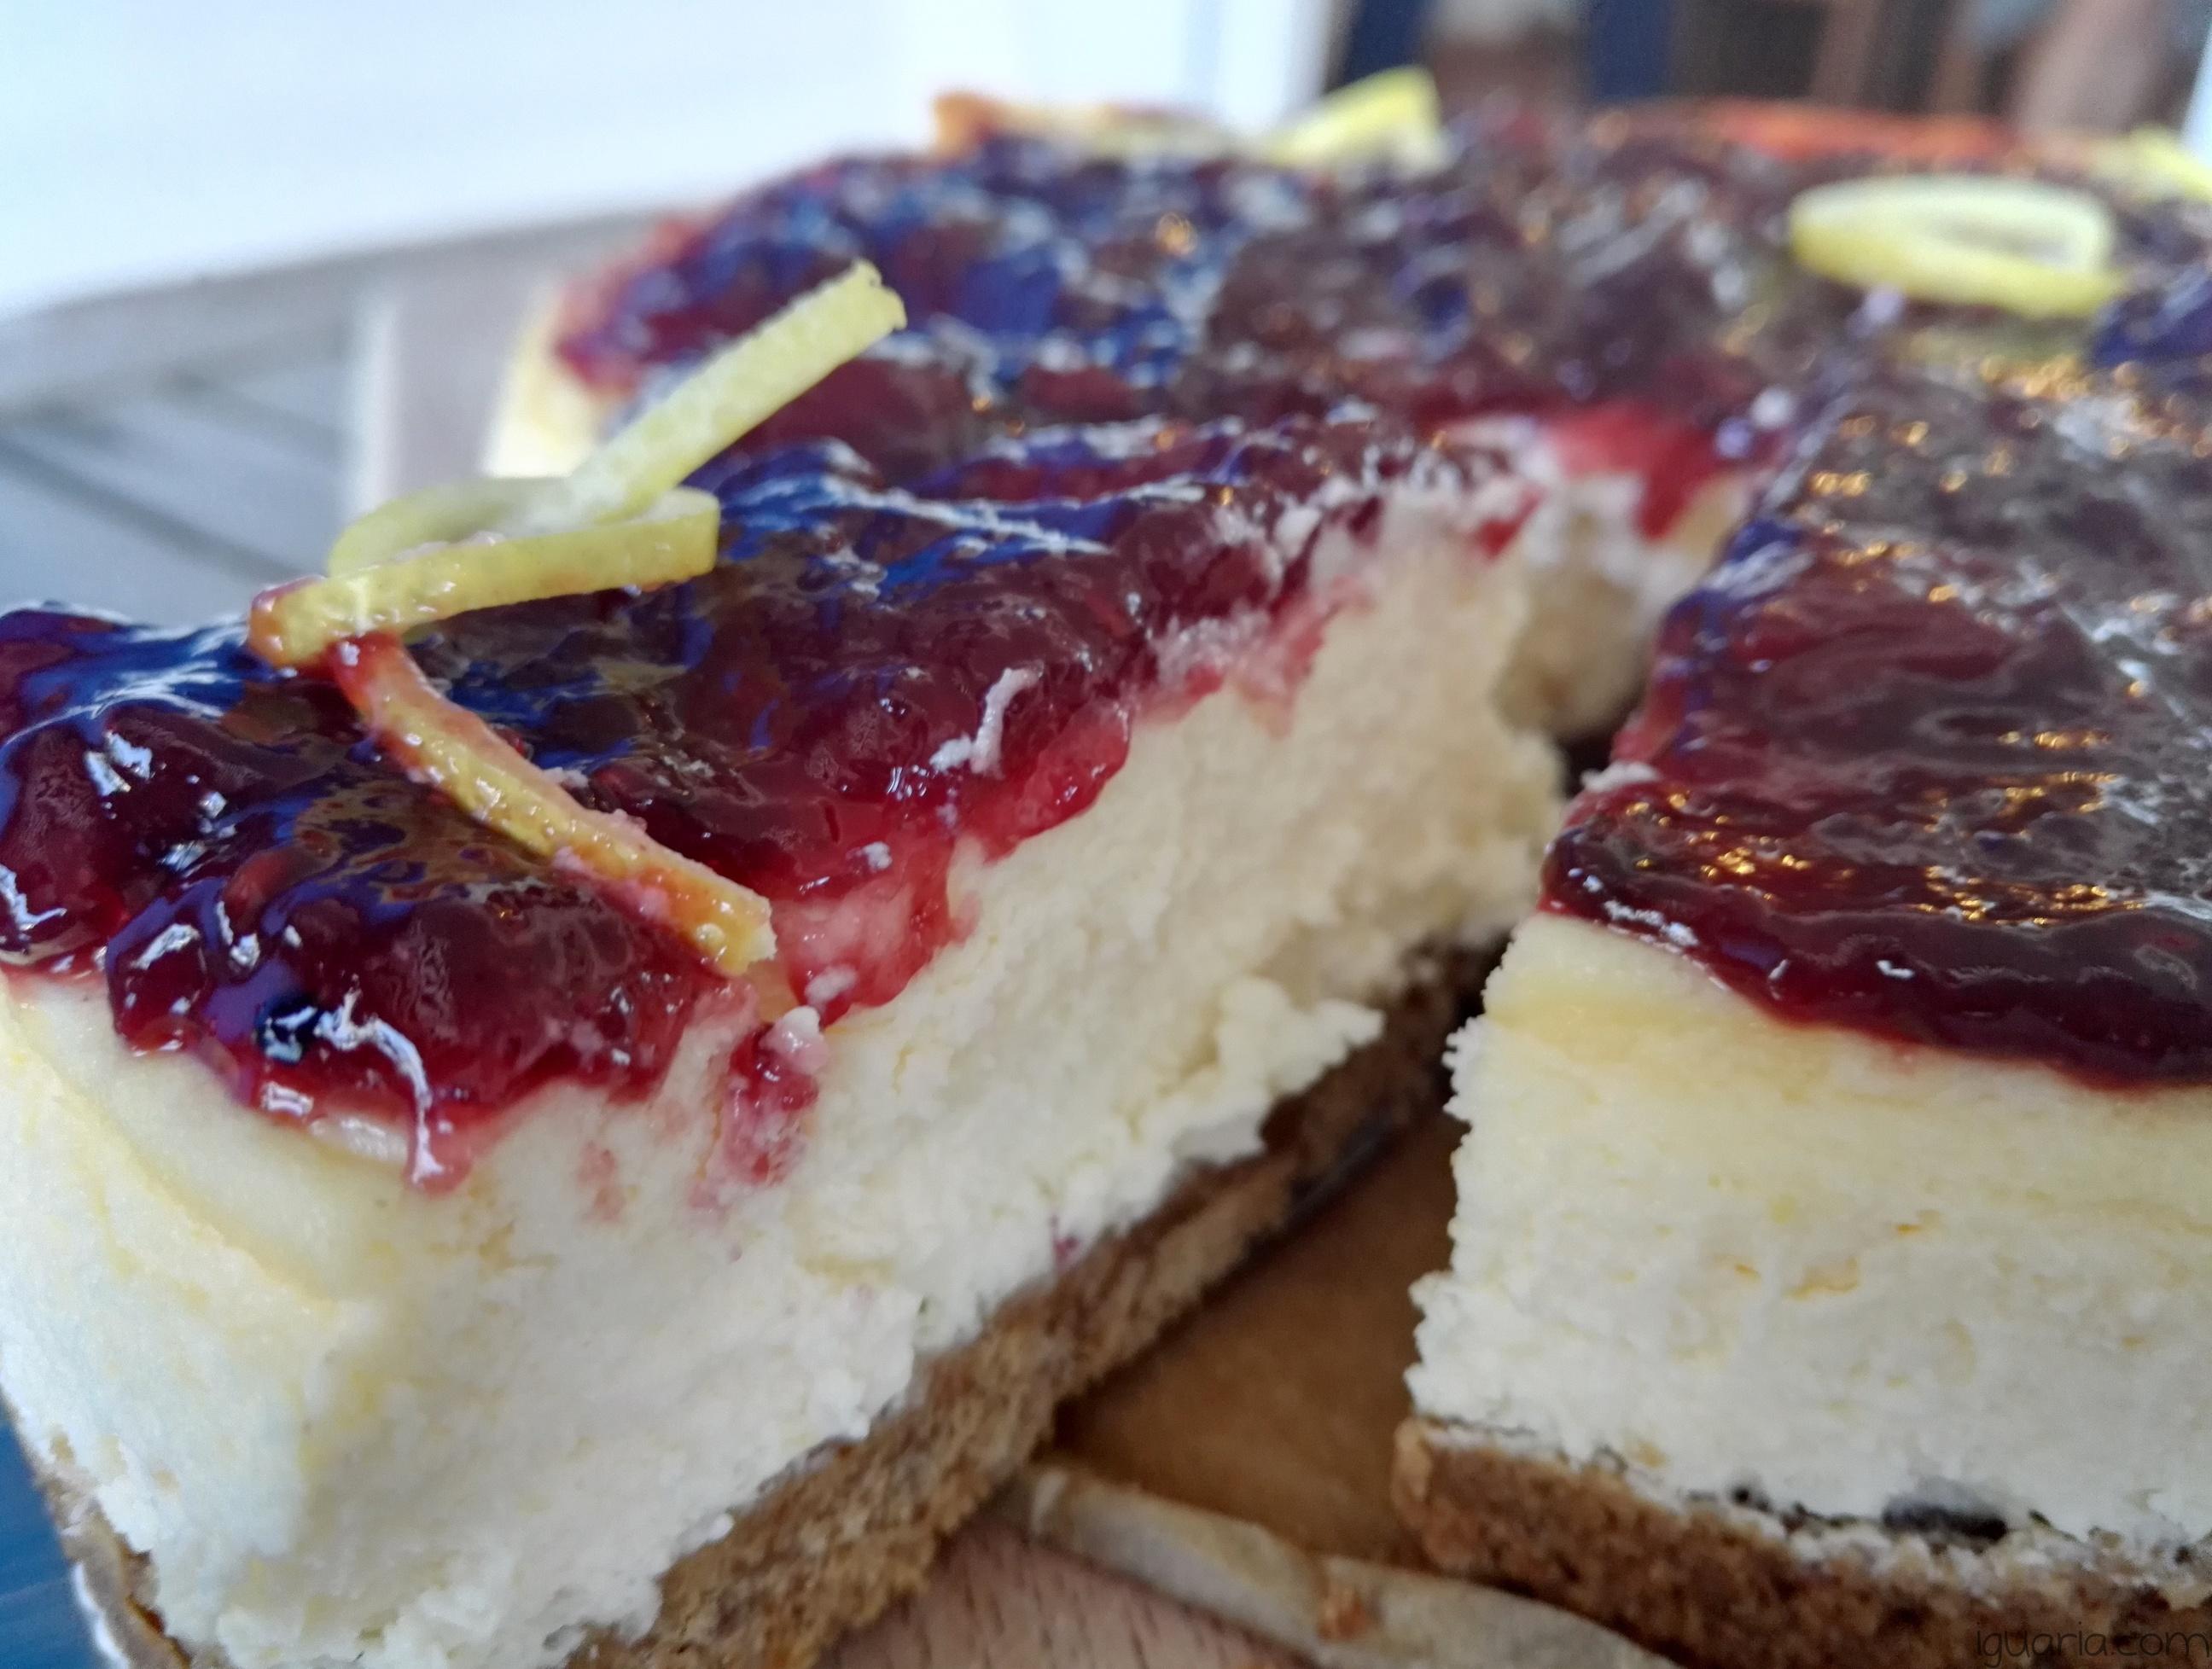 iguaria-bolo-de-queijo-creme-e-frutos-silvestres